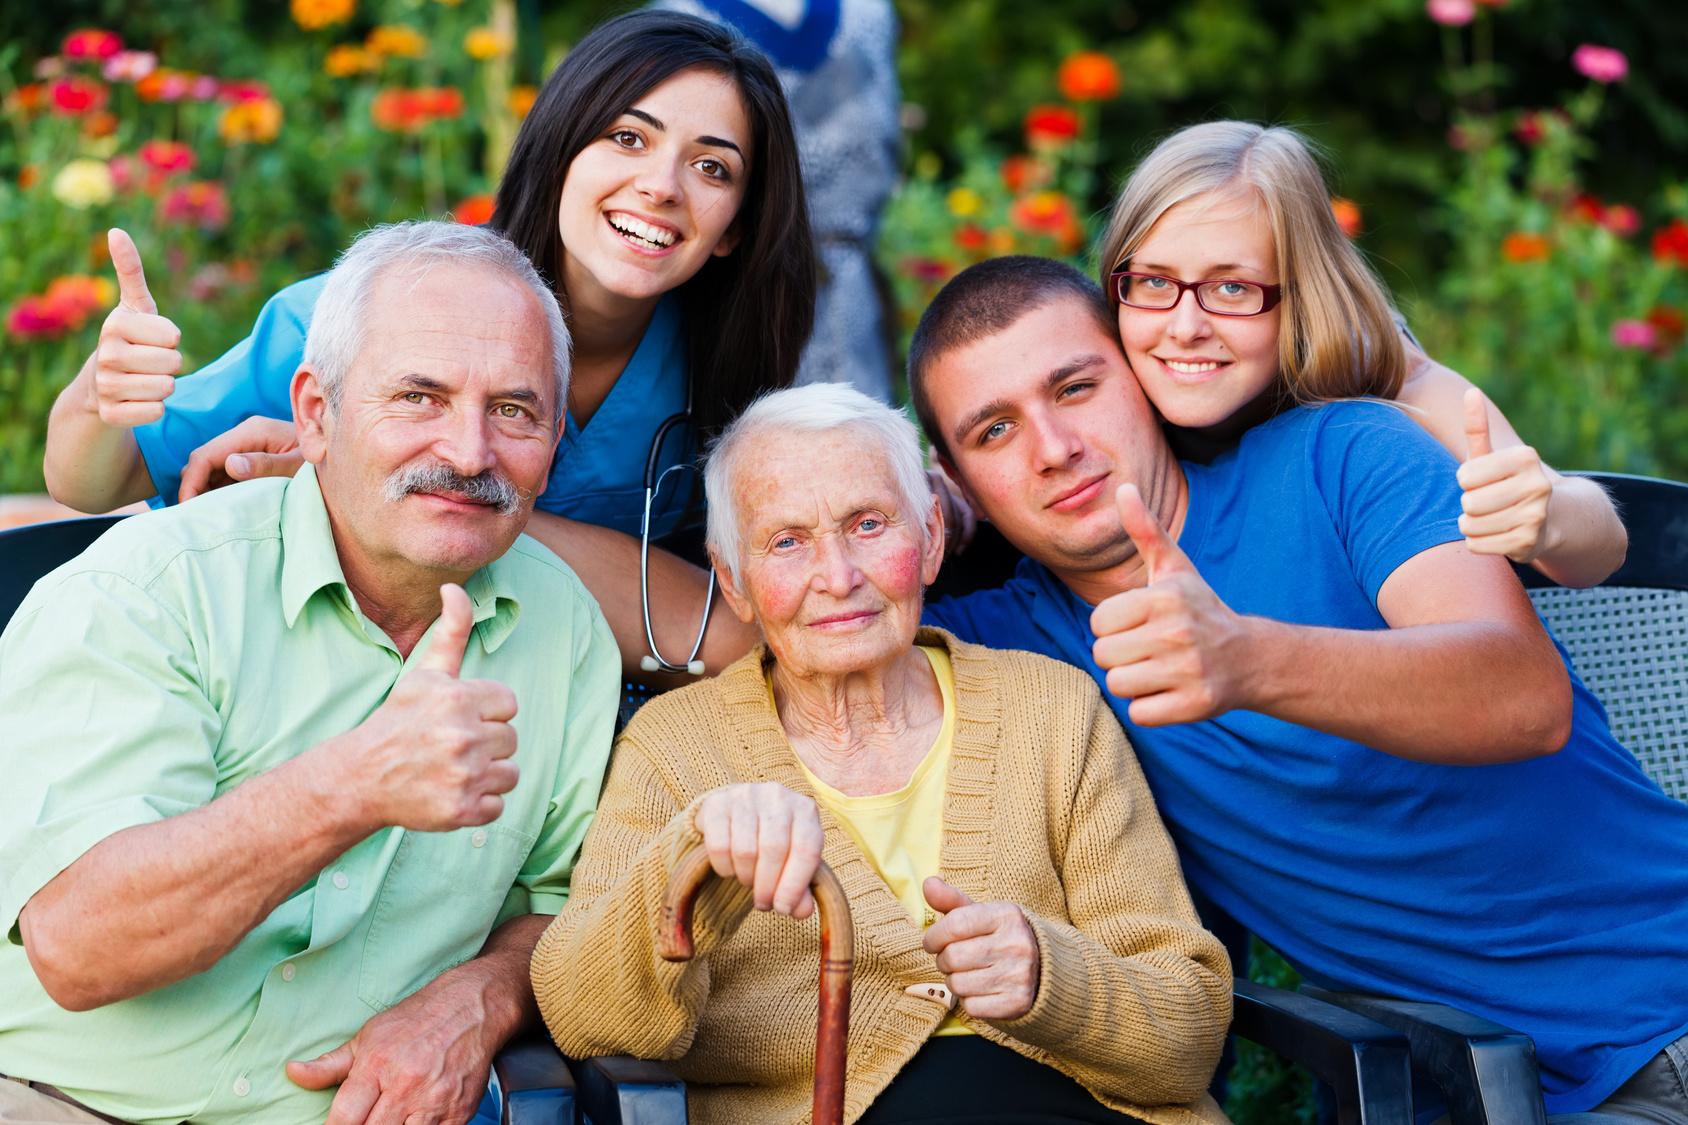 alternative-pflegeheim-familie-gemeinschaft-pflege-zu-hause